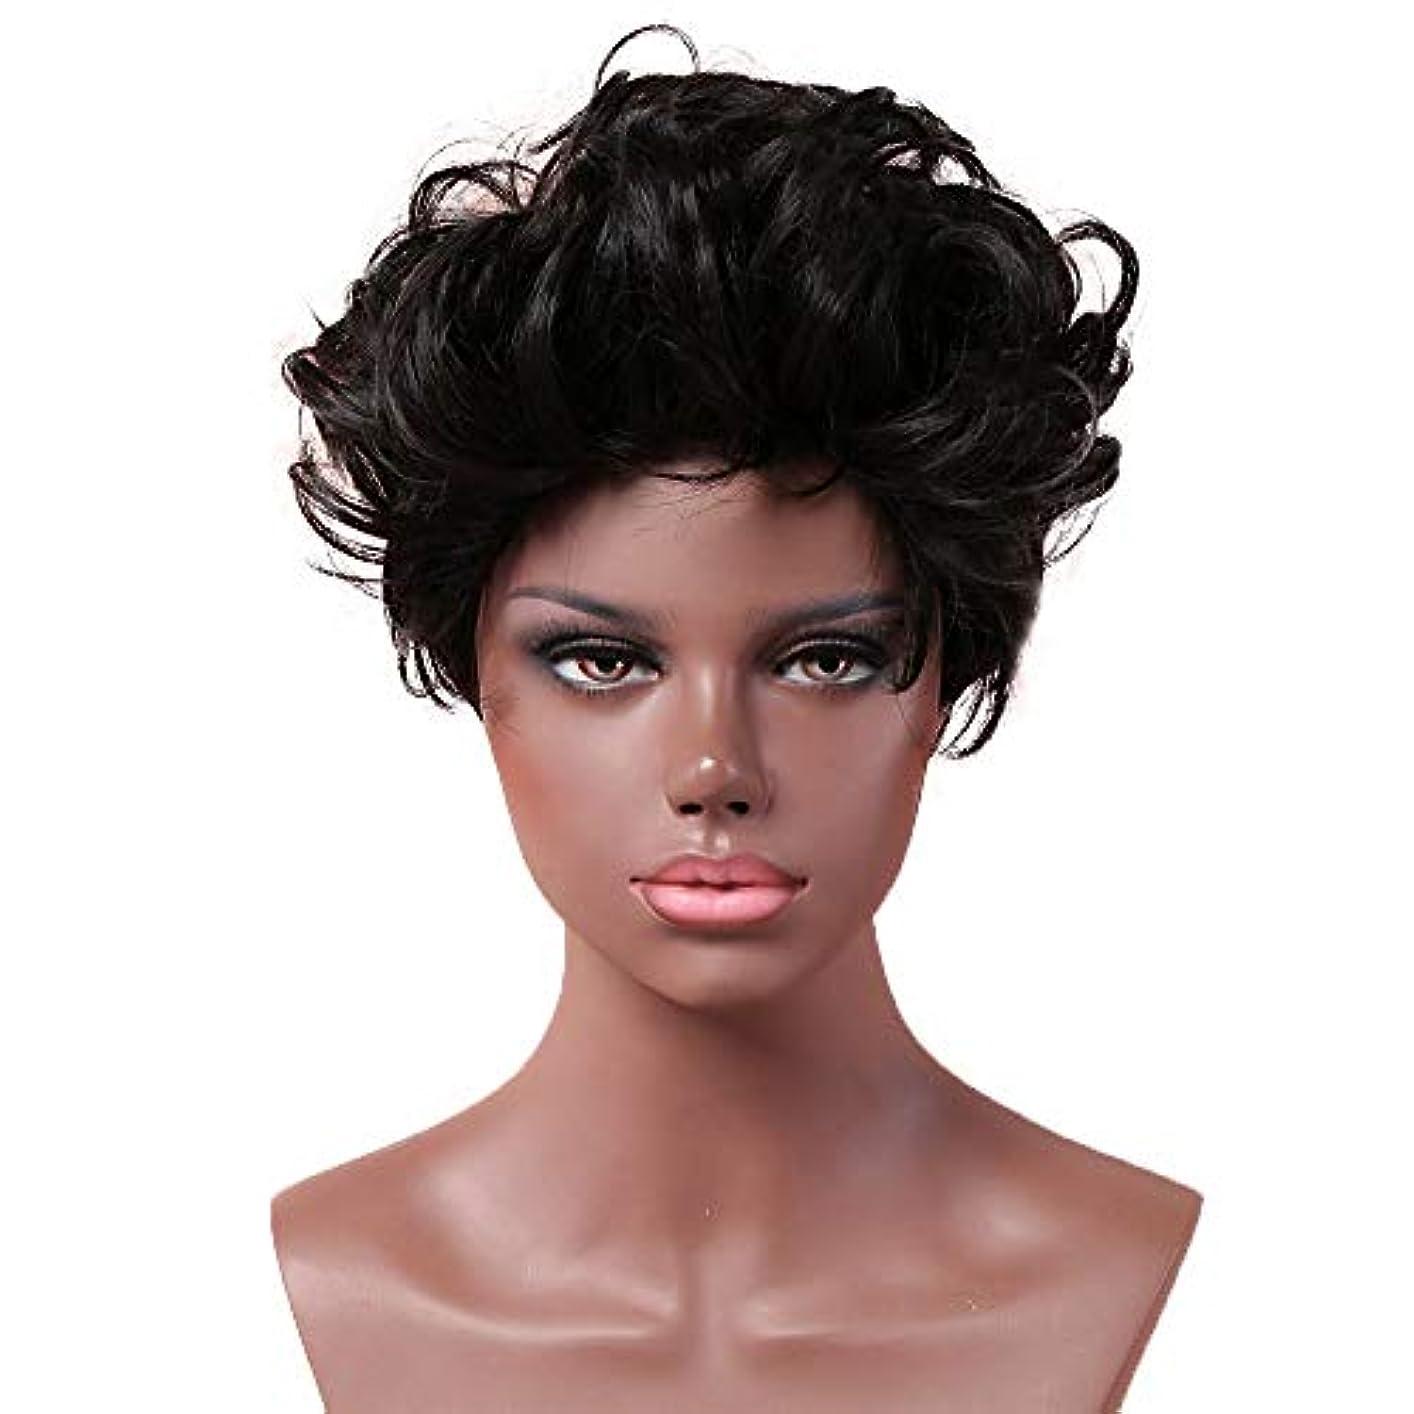 配置決定的シネマ女性用黒ショートカーリーヘアウィッグナチュラルヘアウィッグ合成フルヘアウィッグ女性と女の子用ハロウィンコスプレパーティーウィッグ